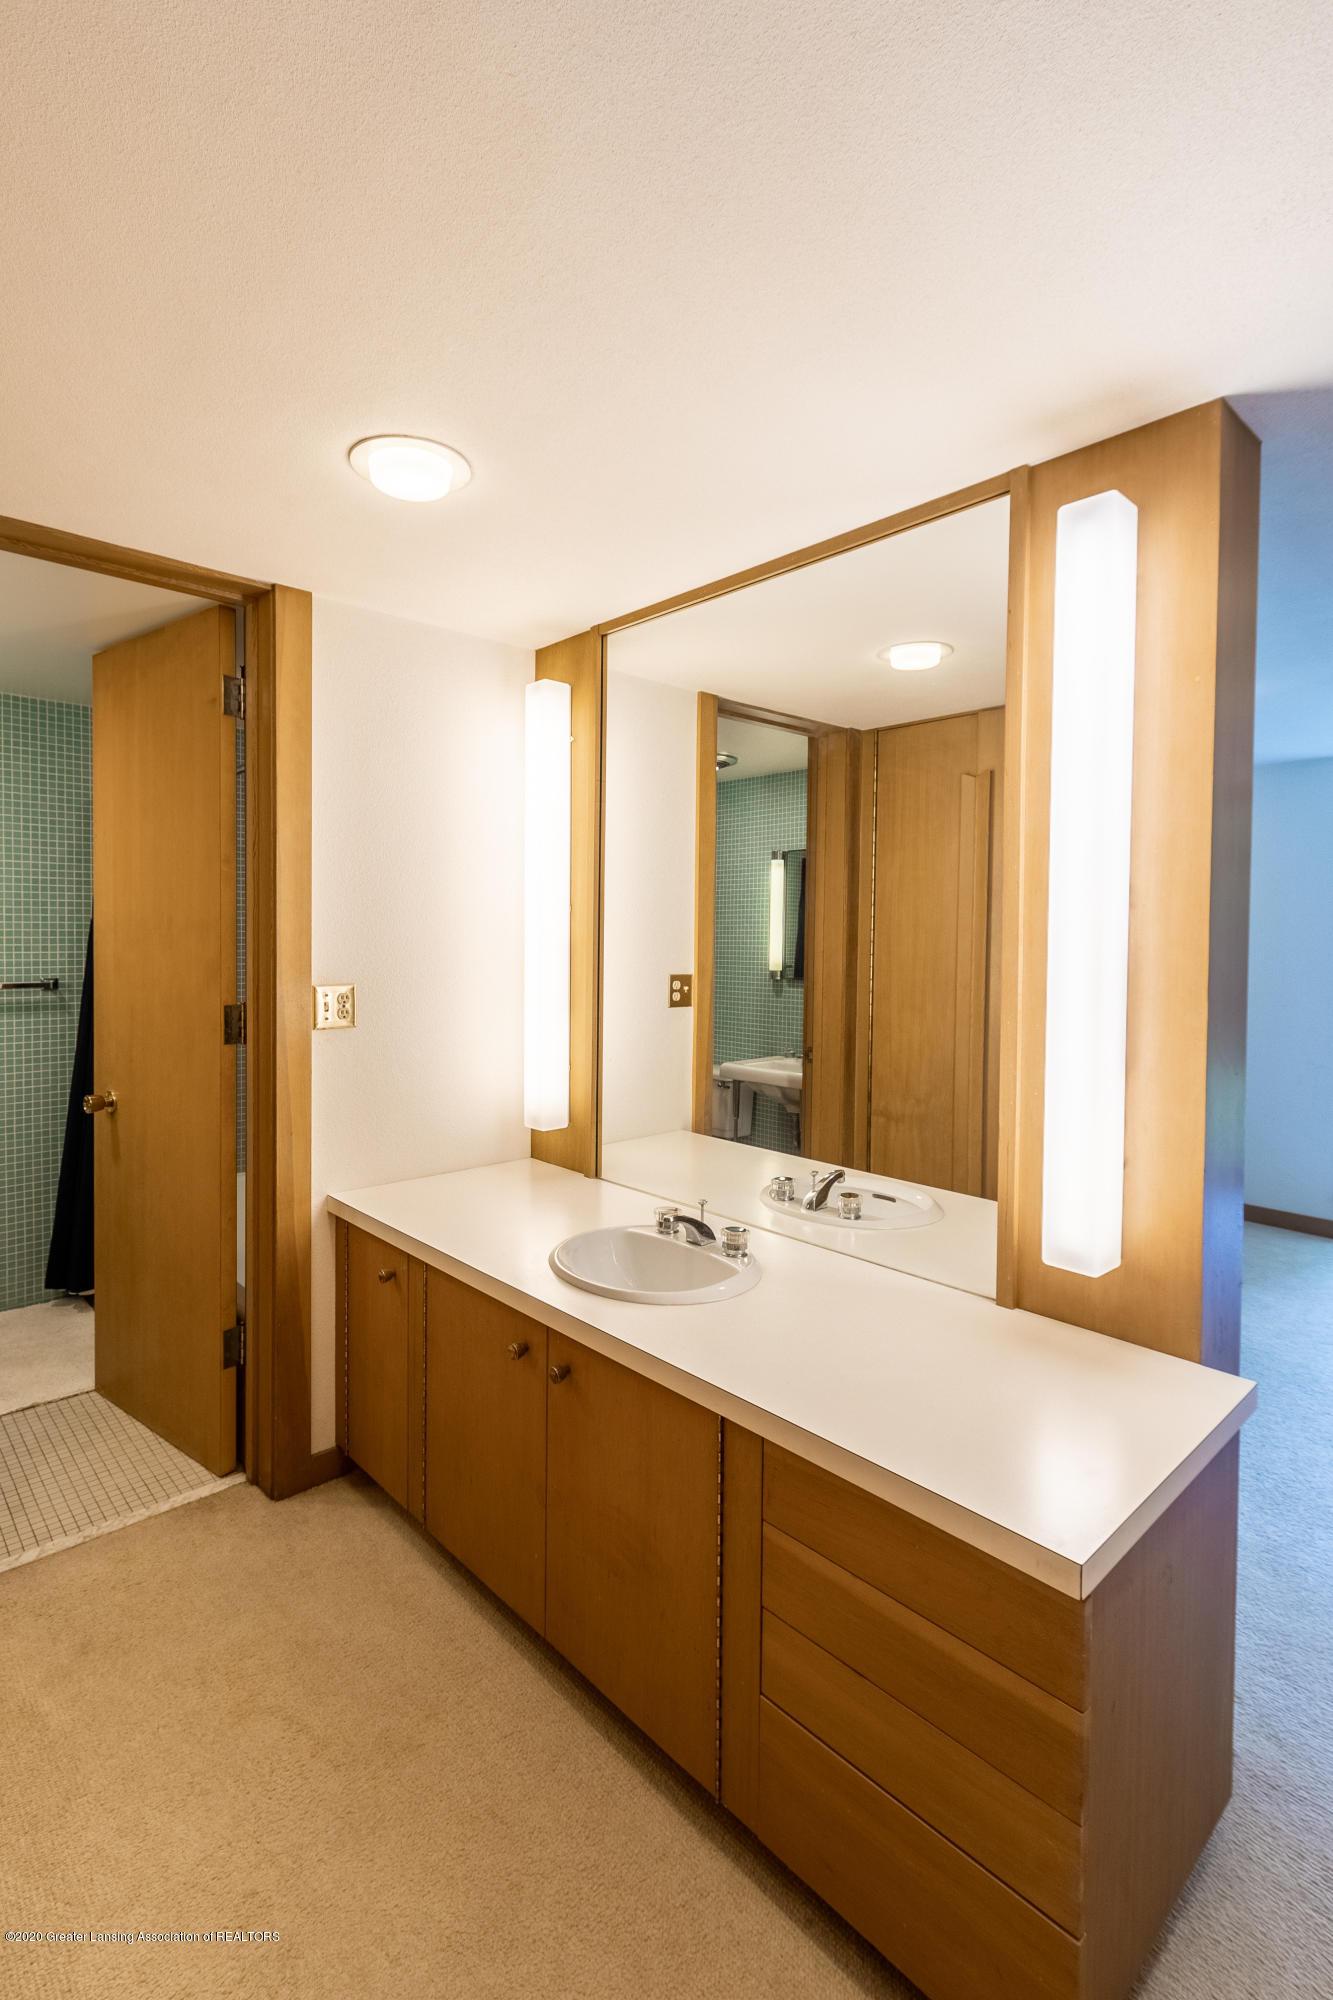 1172 Wrightwind Dr - Full Bathroom - 49